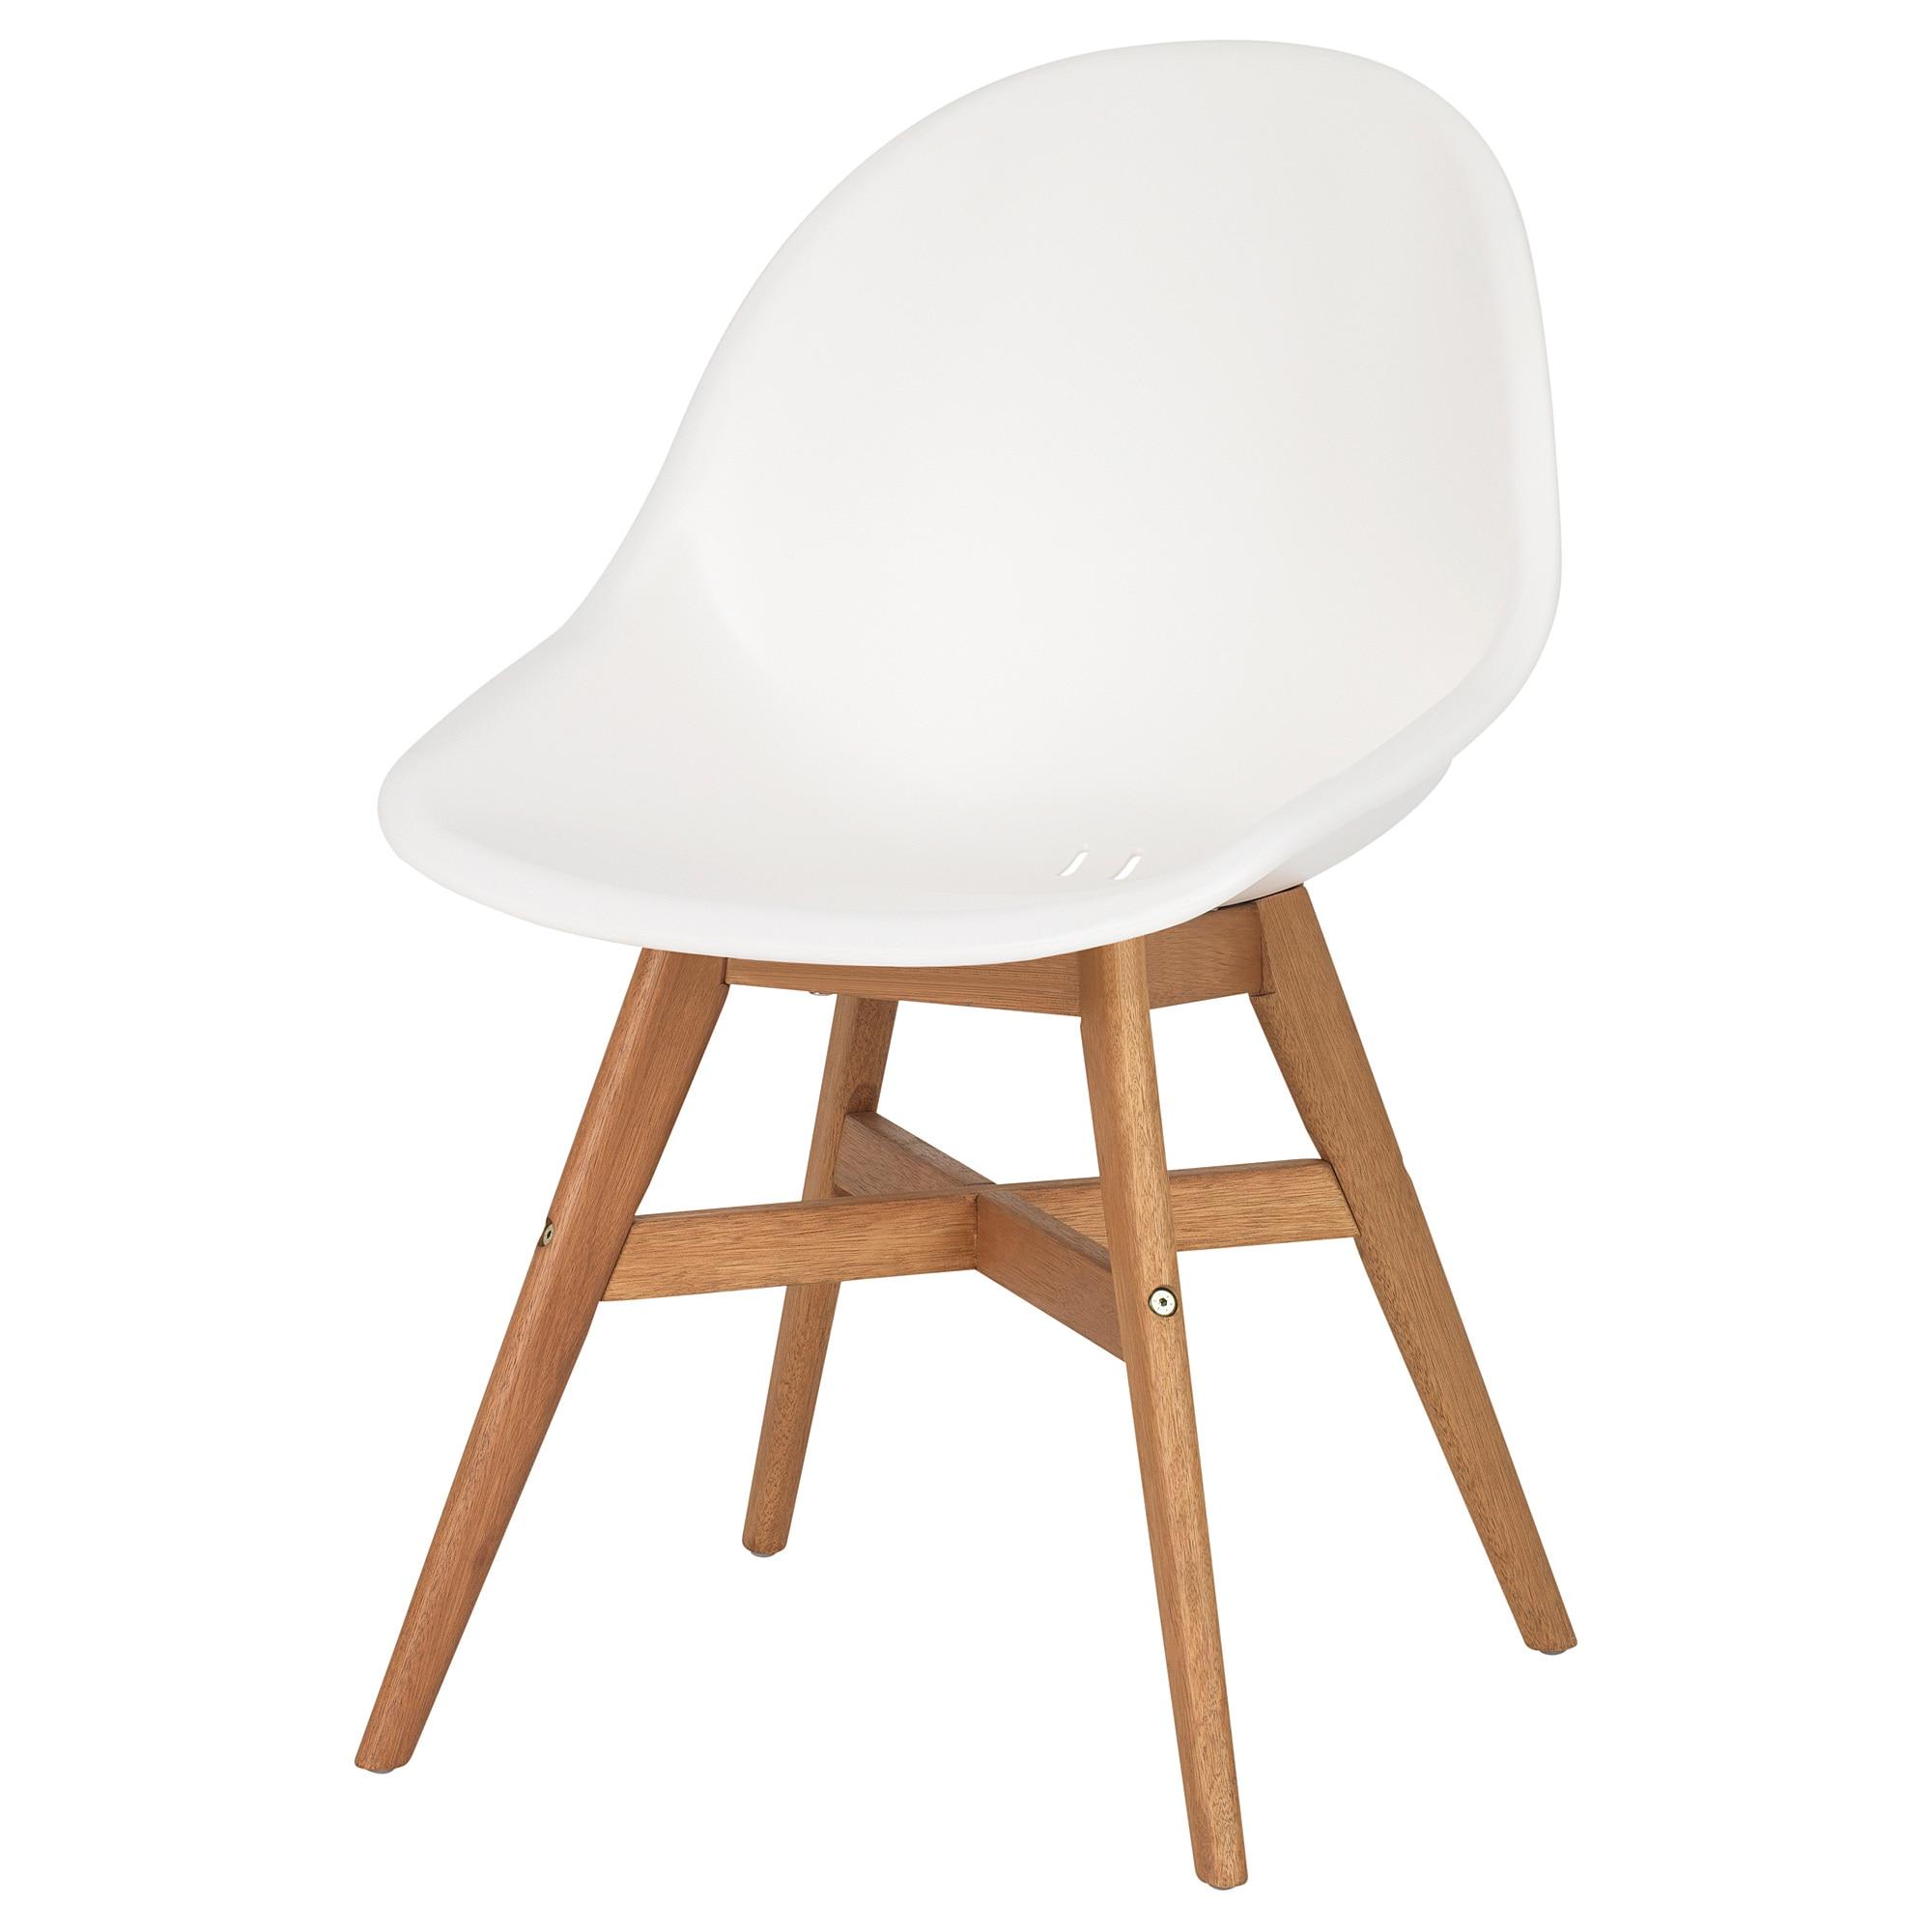 FANBYN Chaise   IKEA Utilisation, Déco Maison, Chaises De Cuisine, Chaises  De Salle